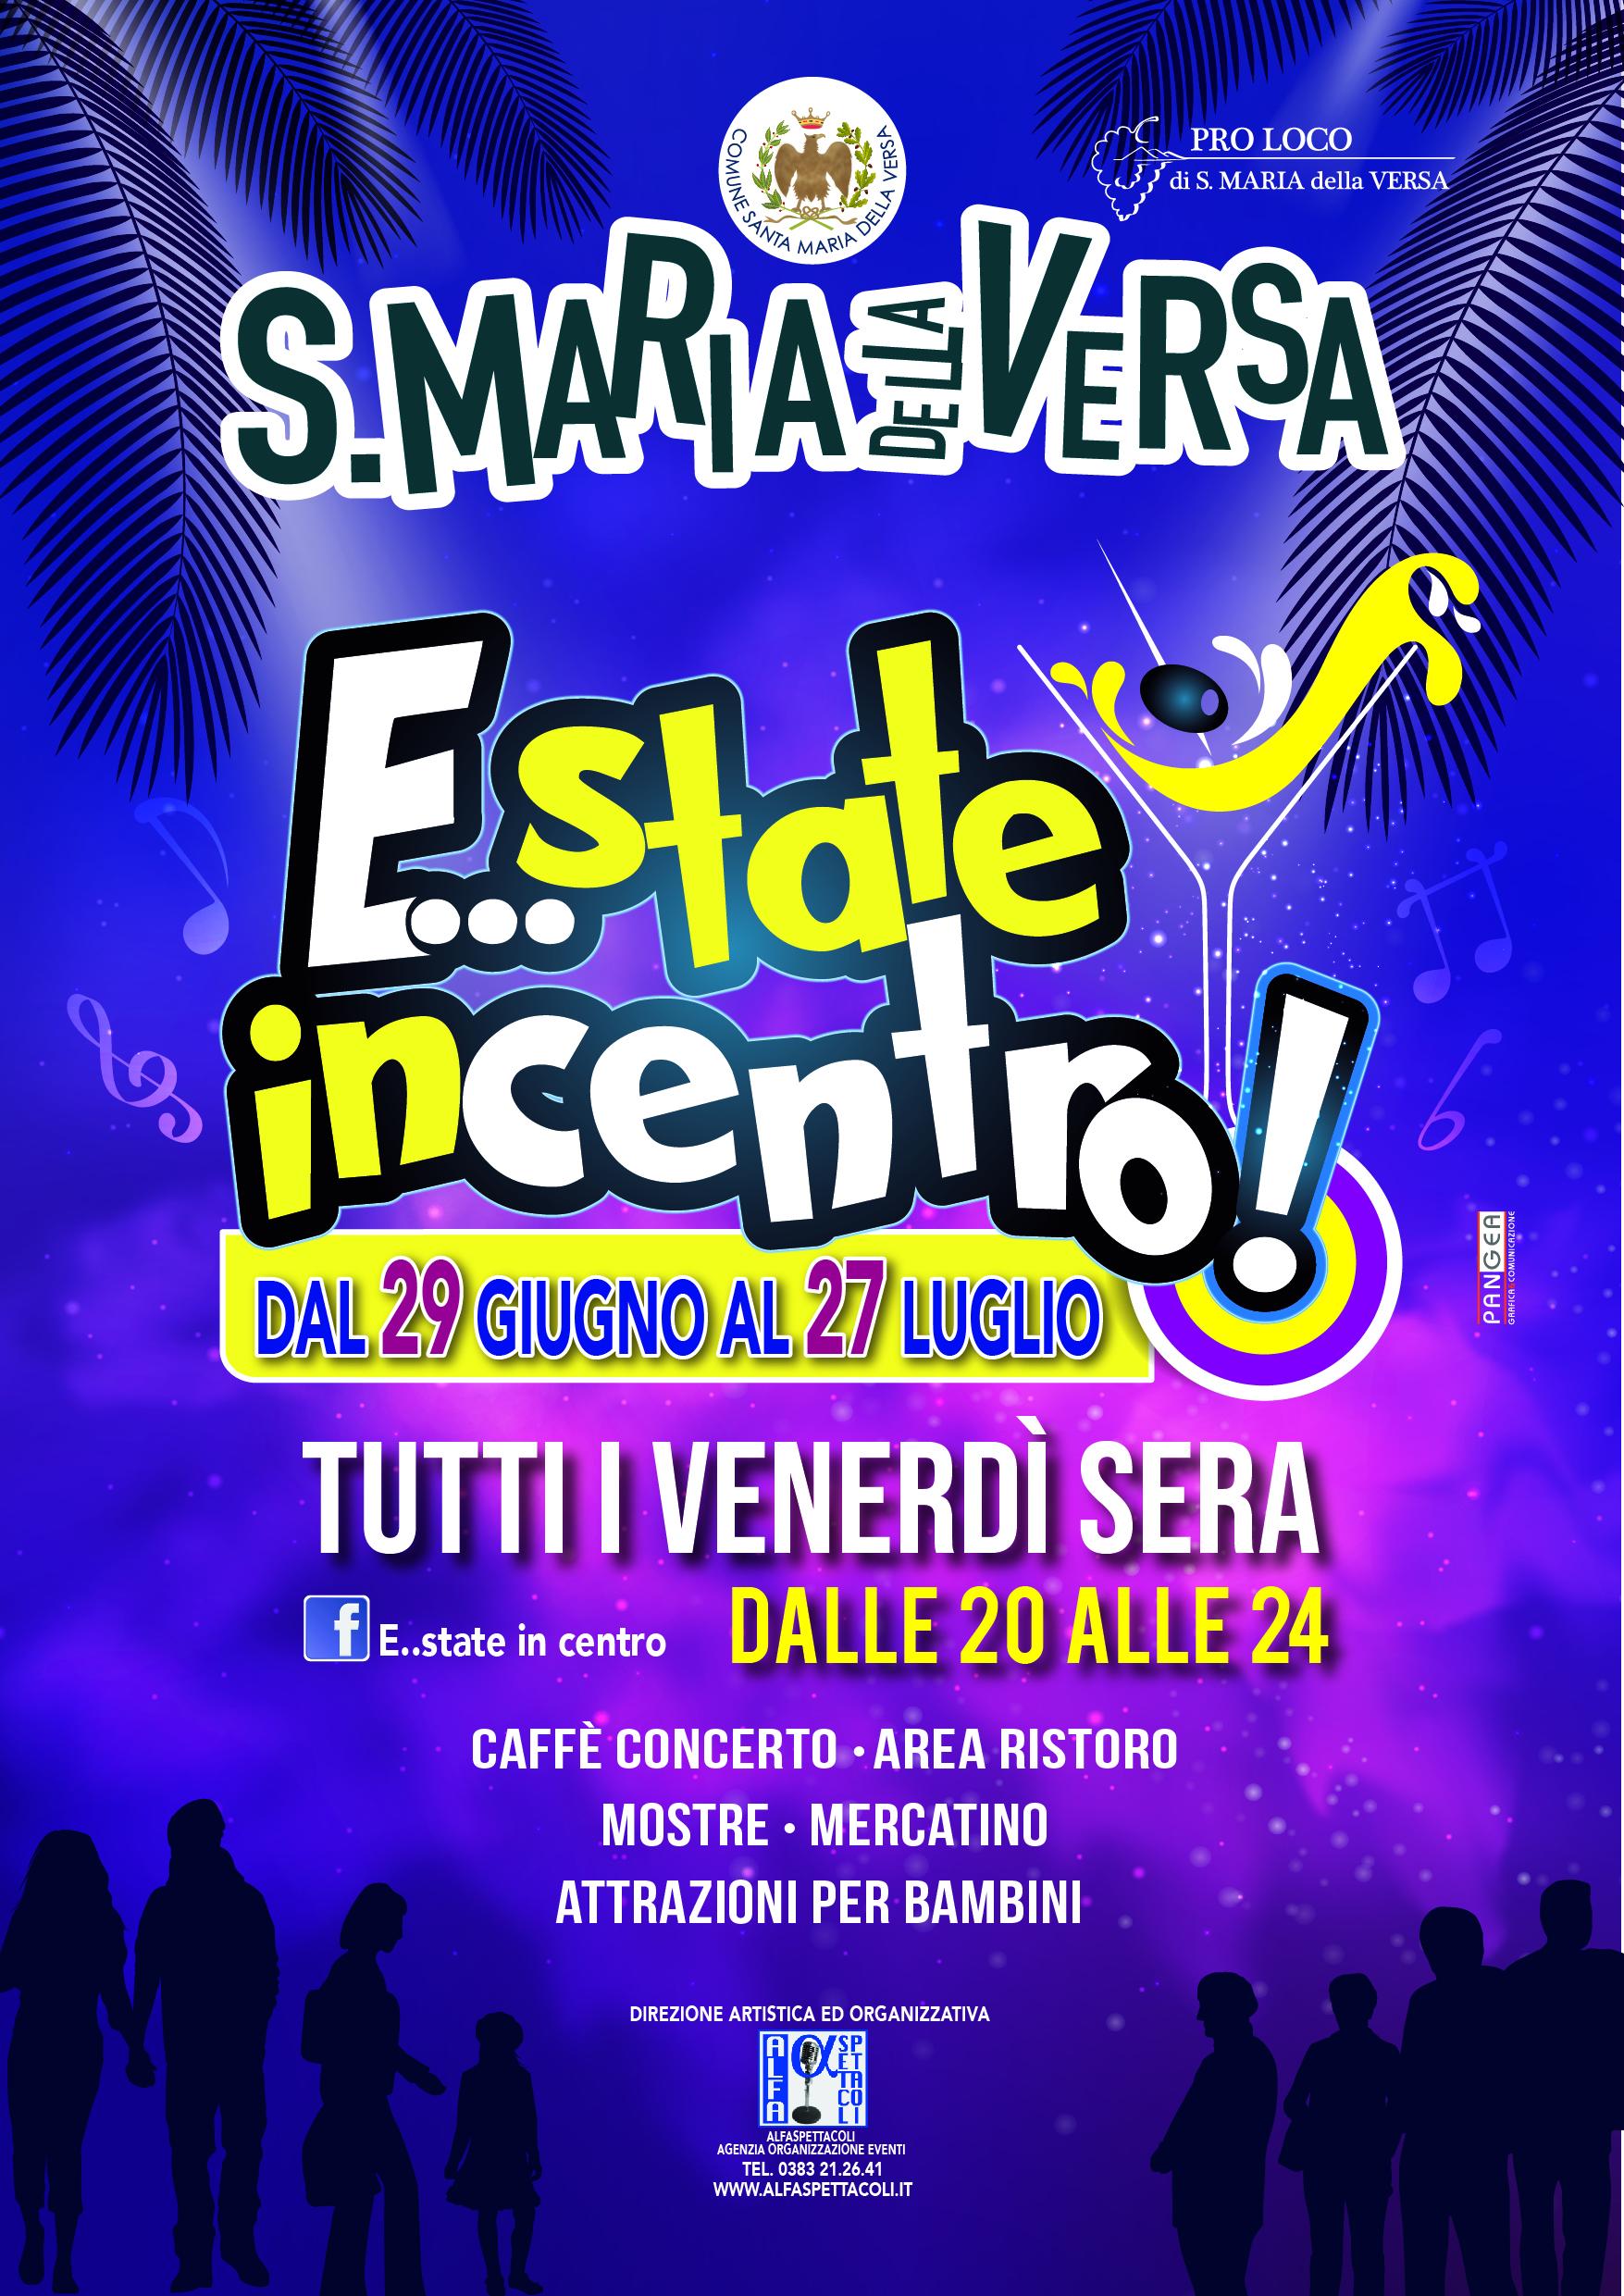 e-state-in-centro-2018-santa-maria-della-versa-pv